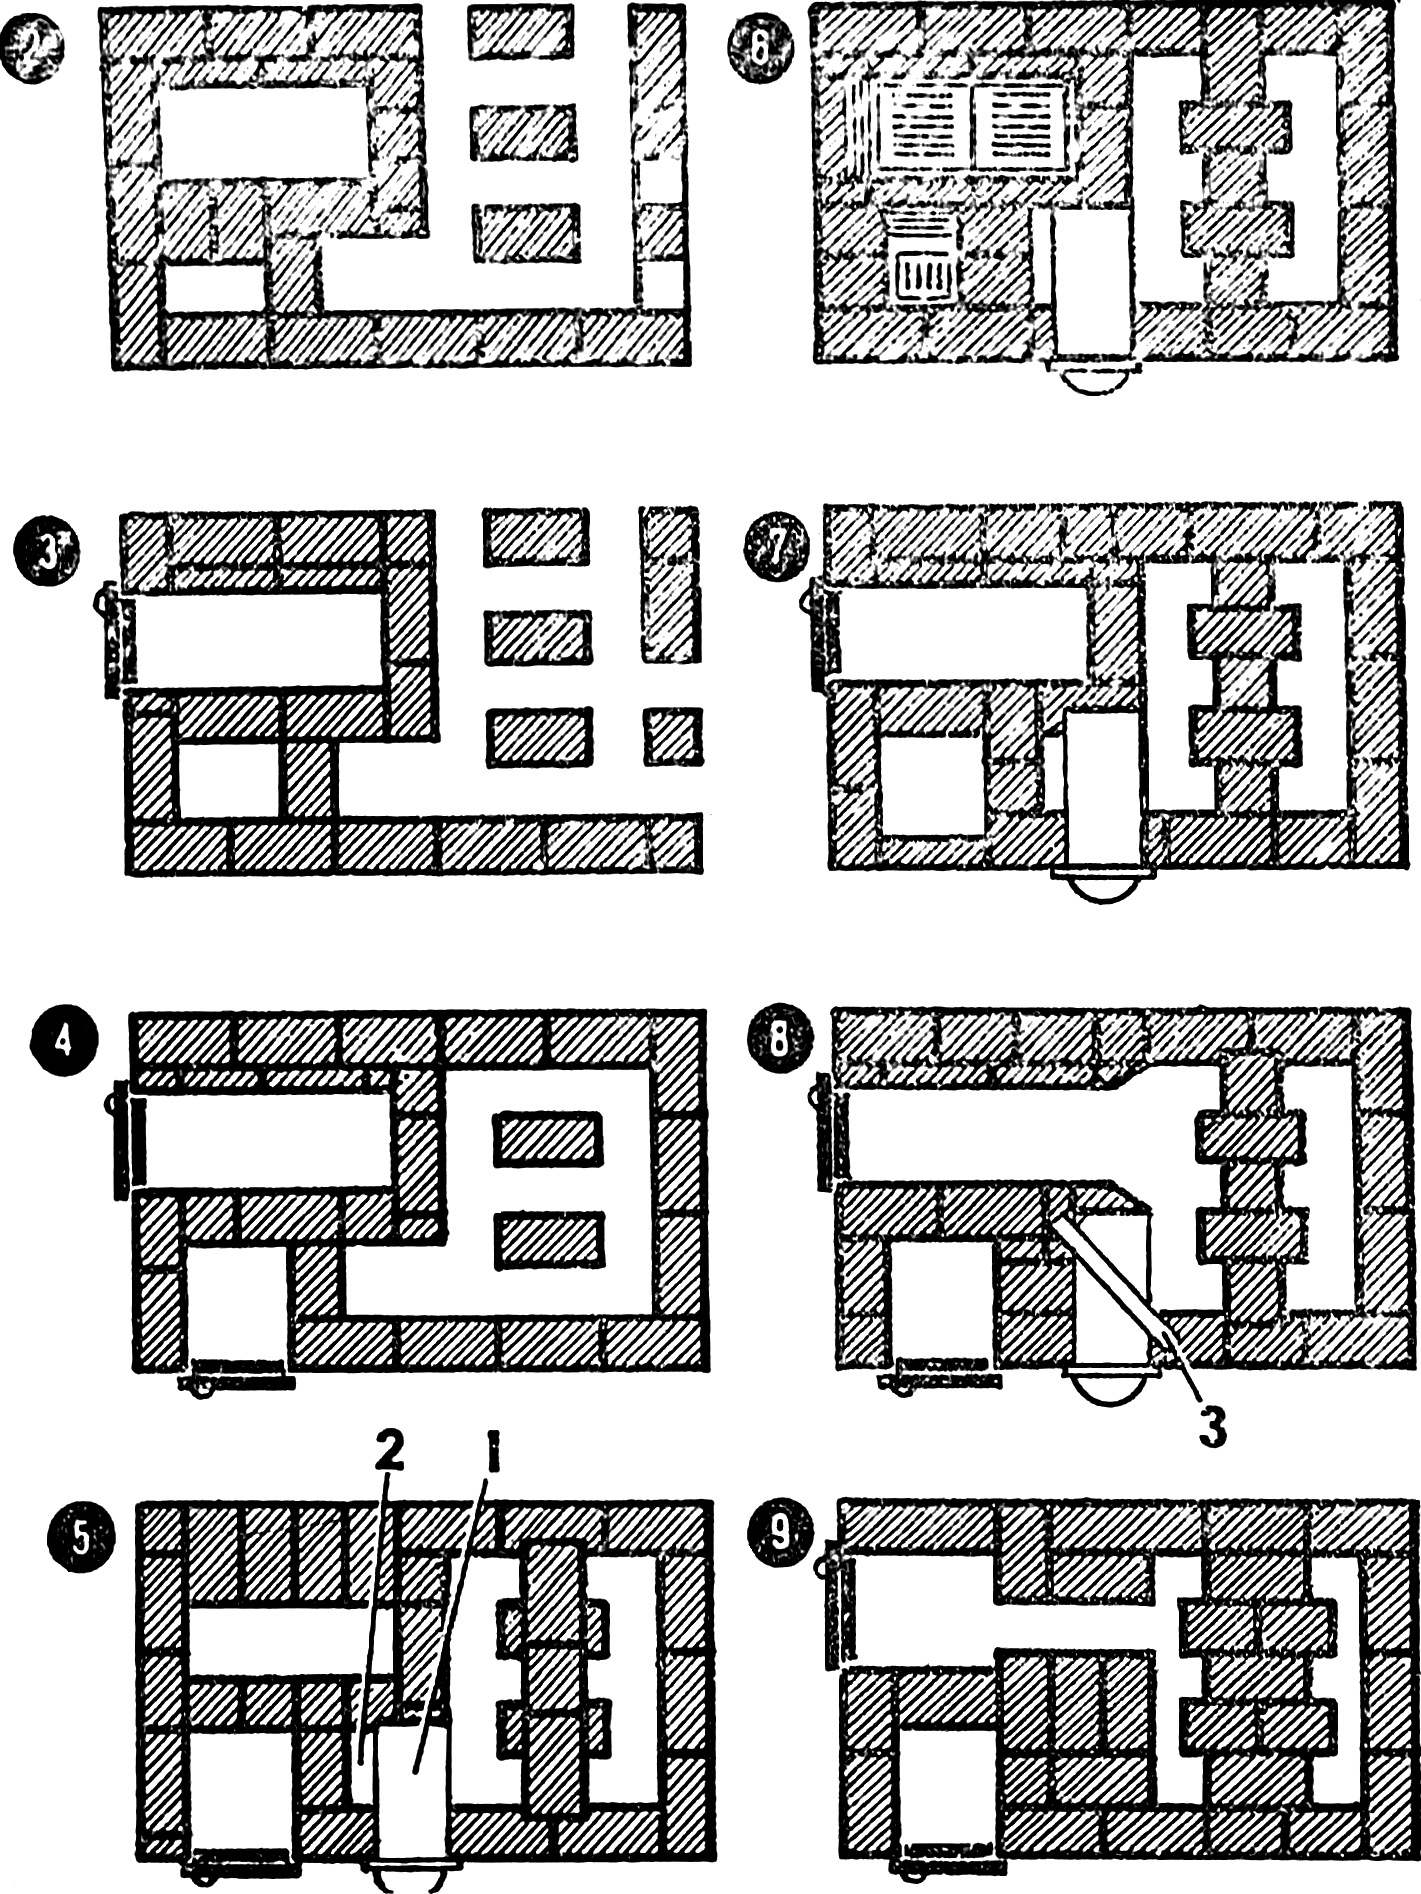 Рис. 3. Кладка рядов с водогрейной коробкой.